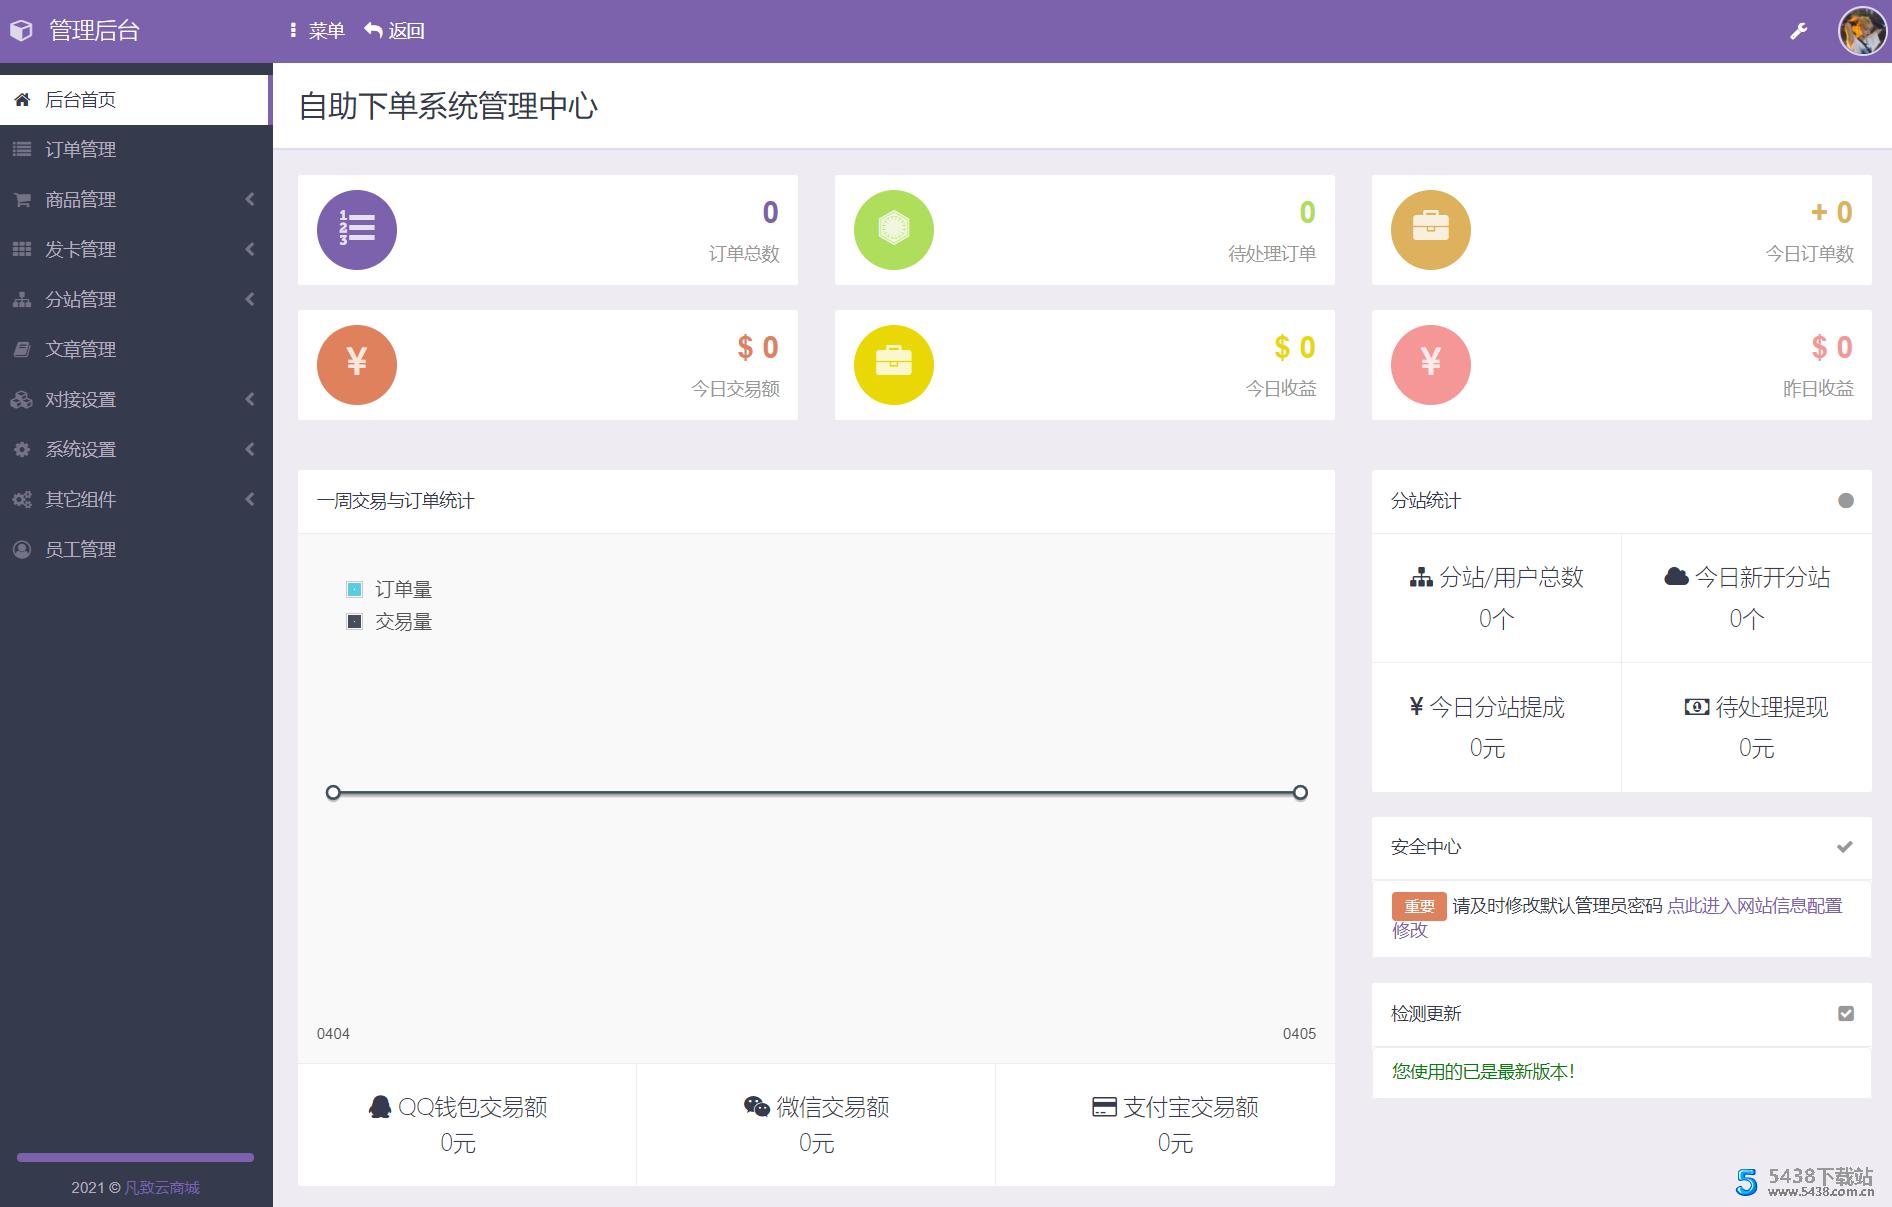 彩虹代刷6.6版本源码/修改版/后台同步官方版本升级